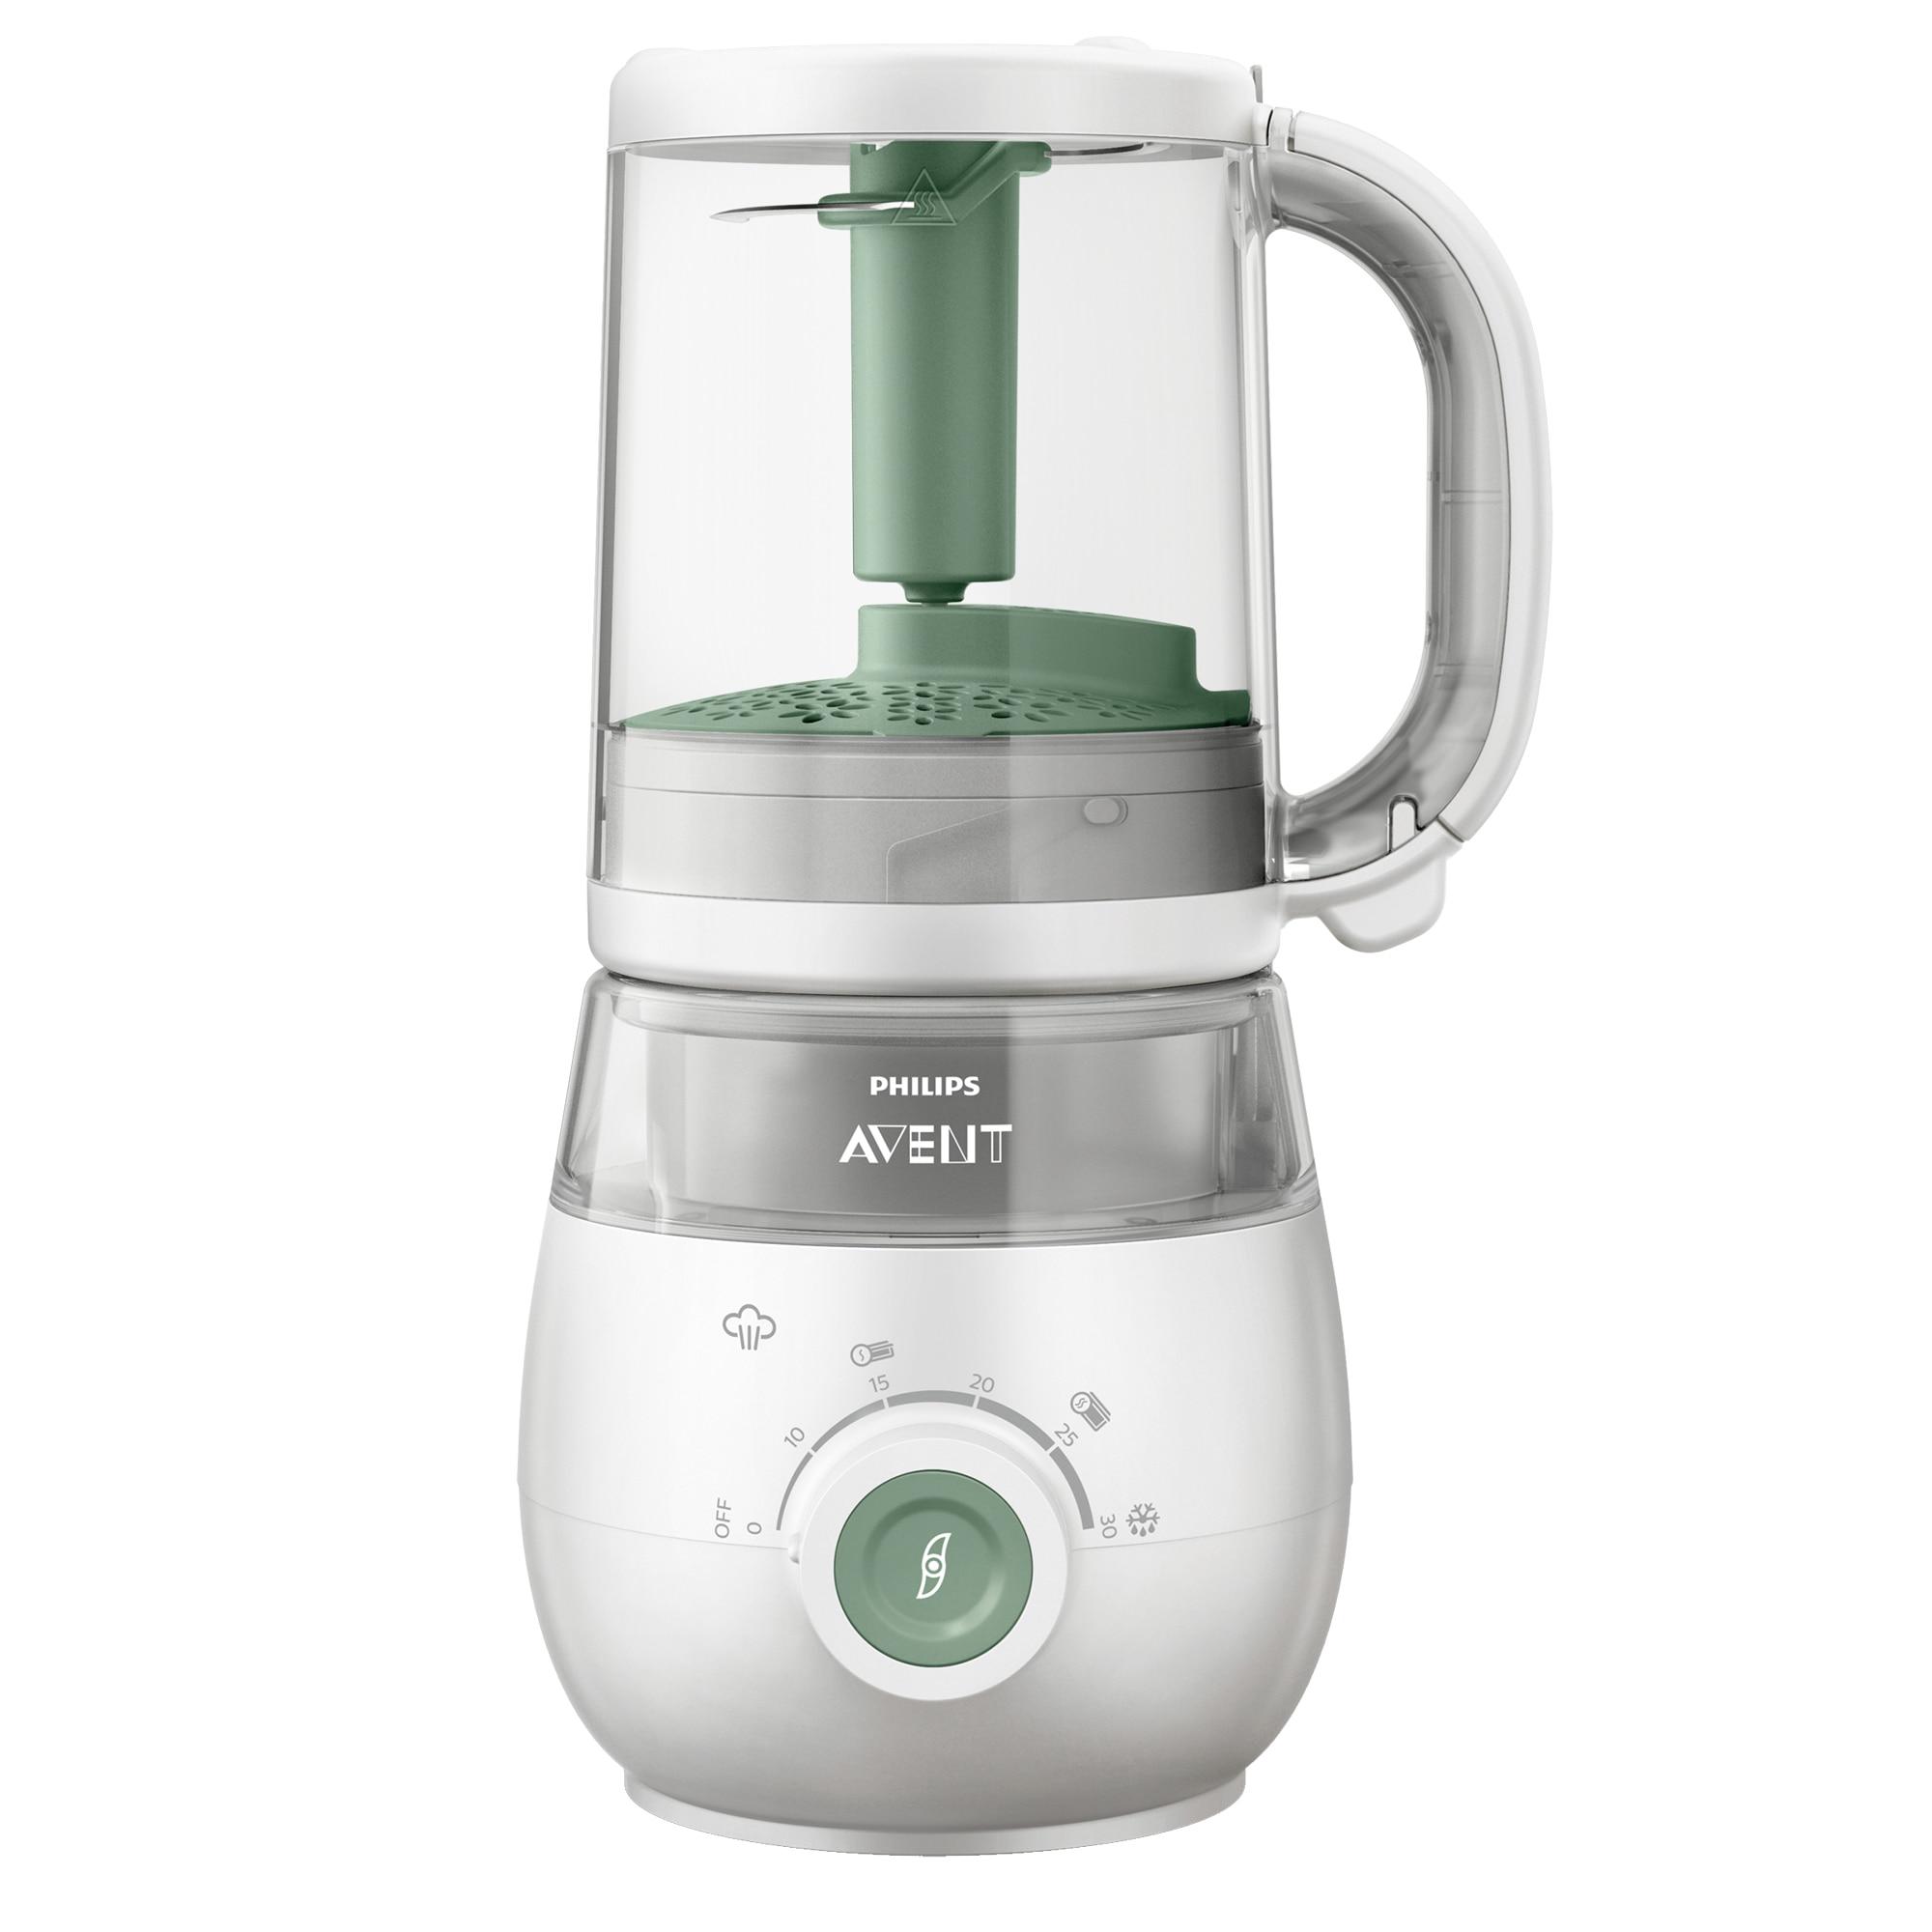 Fotografie Aparat 4in1 Philips-AVENT SCF885/01 pentru prepararea hranei bebelusilor